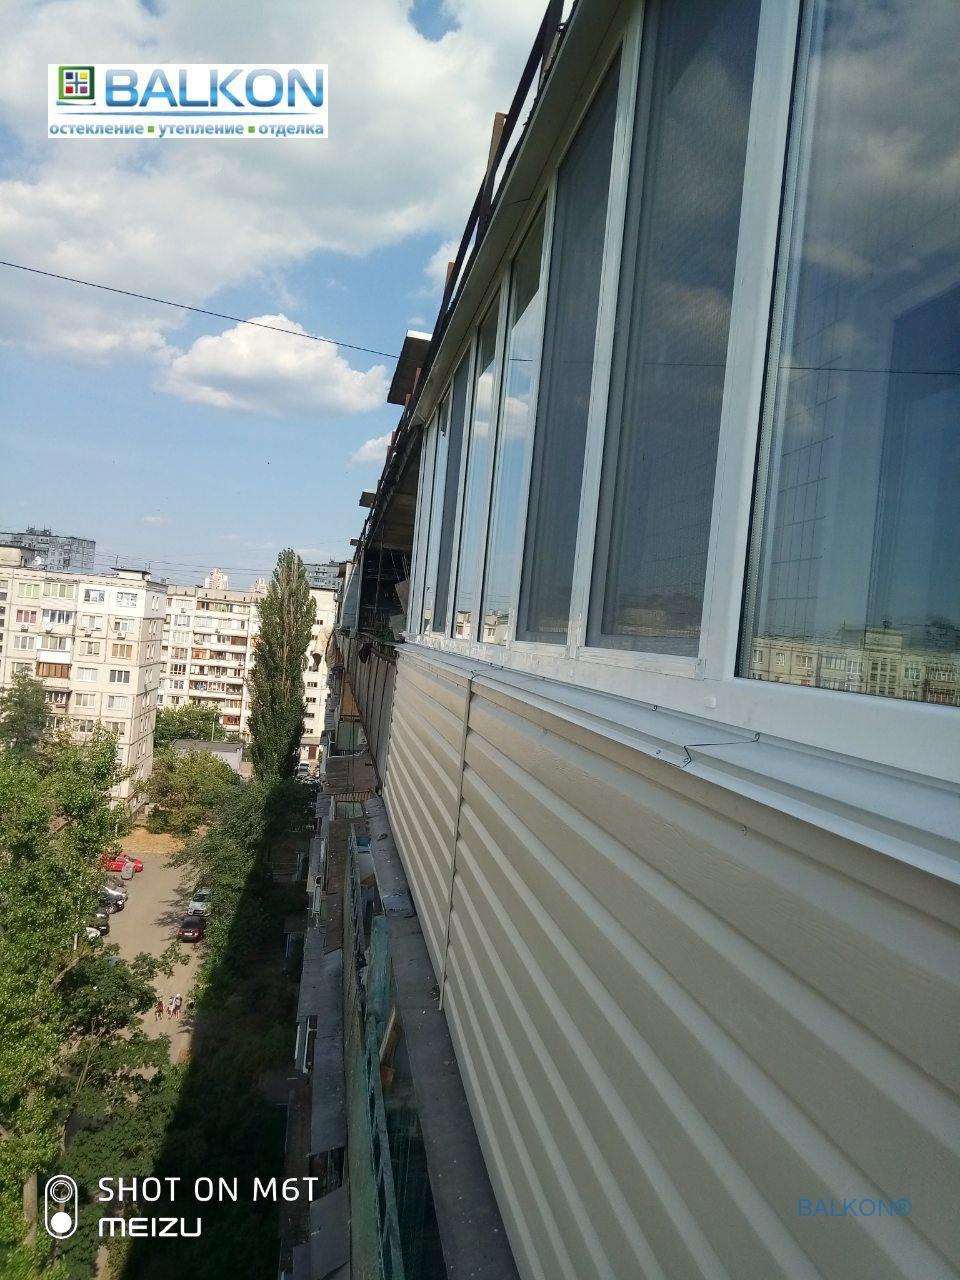 Остекление балкона под ключ Киев ул. Малиновского 3 - бригадой №13